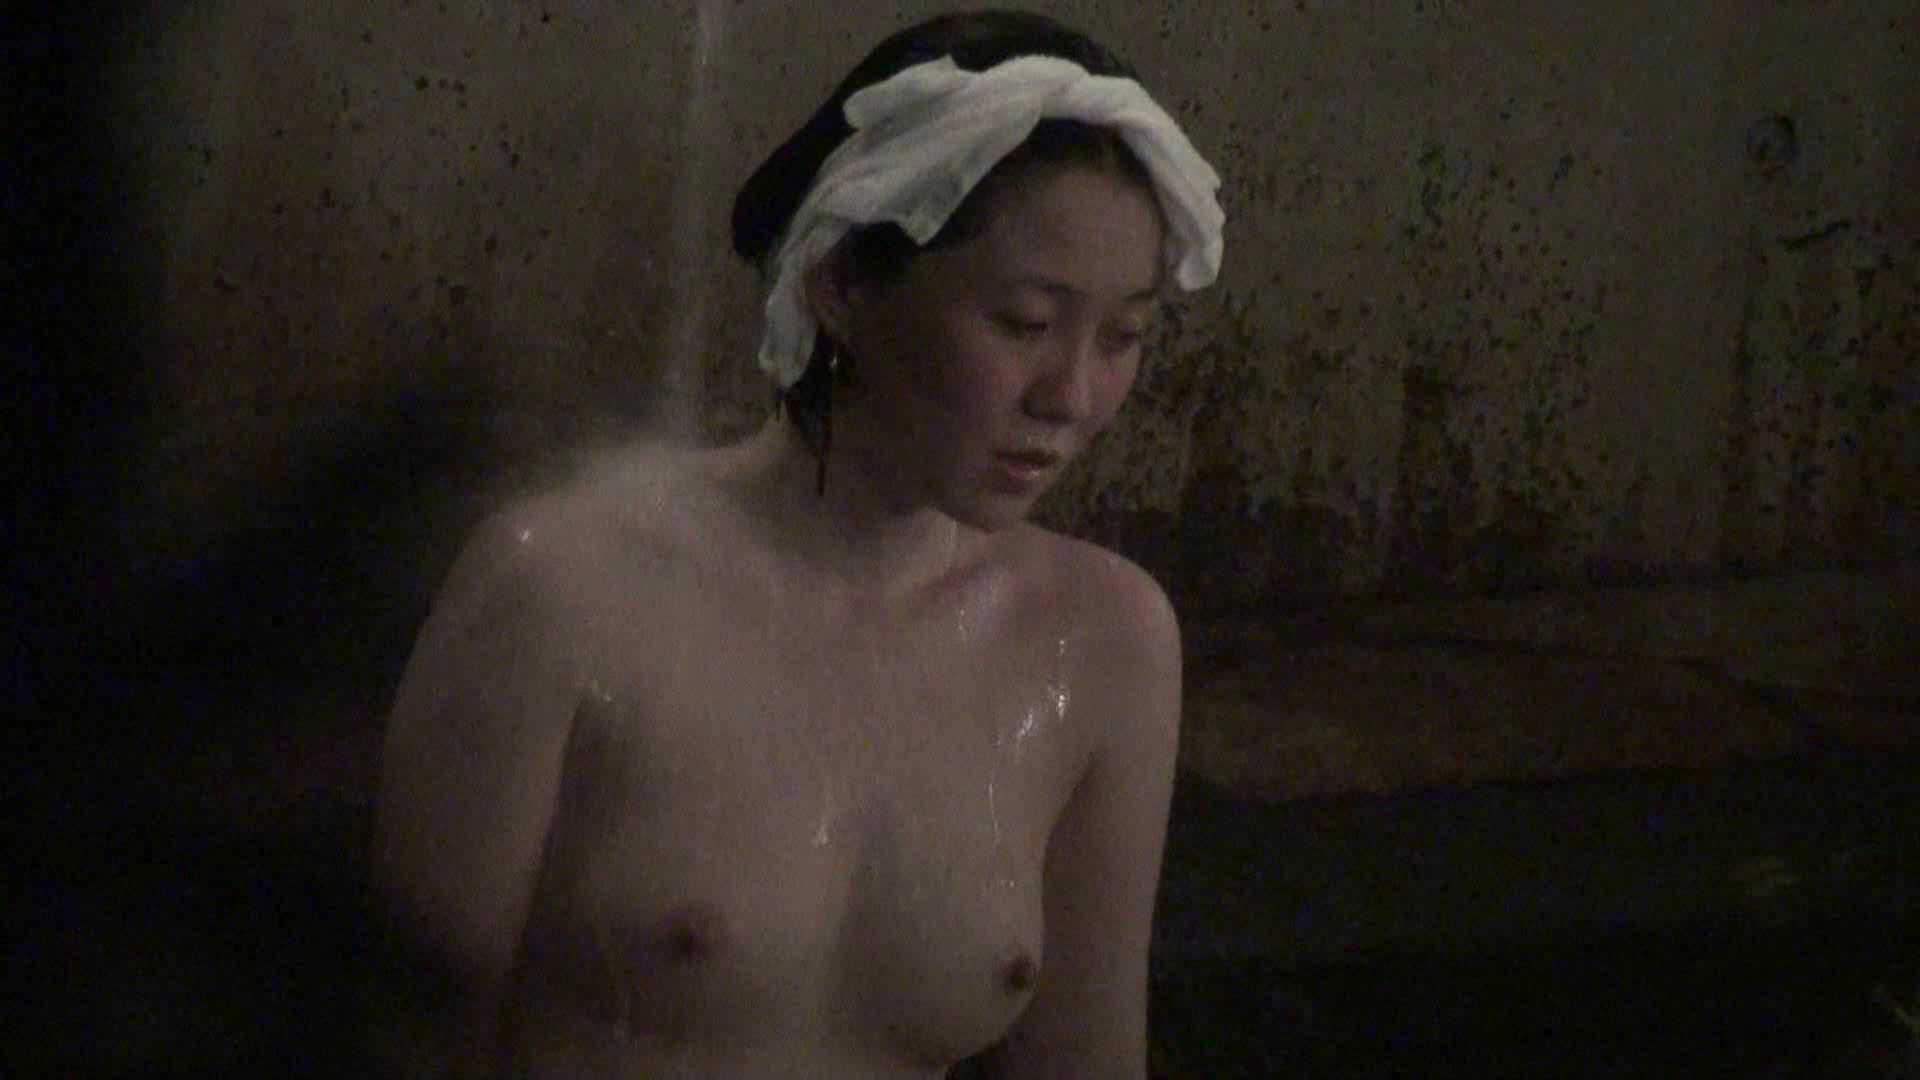 Aquaな露天風呂Vol.322 綺麗なOLたち | 盗撮  111枚 97